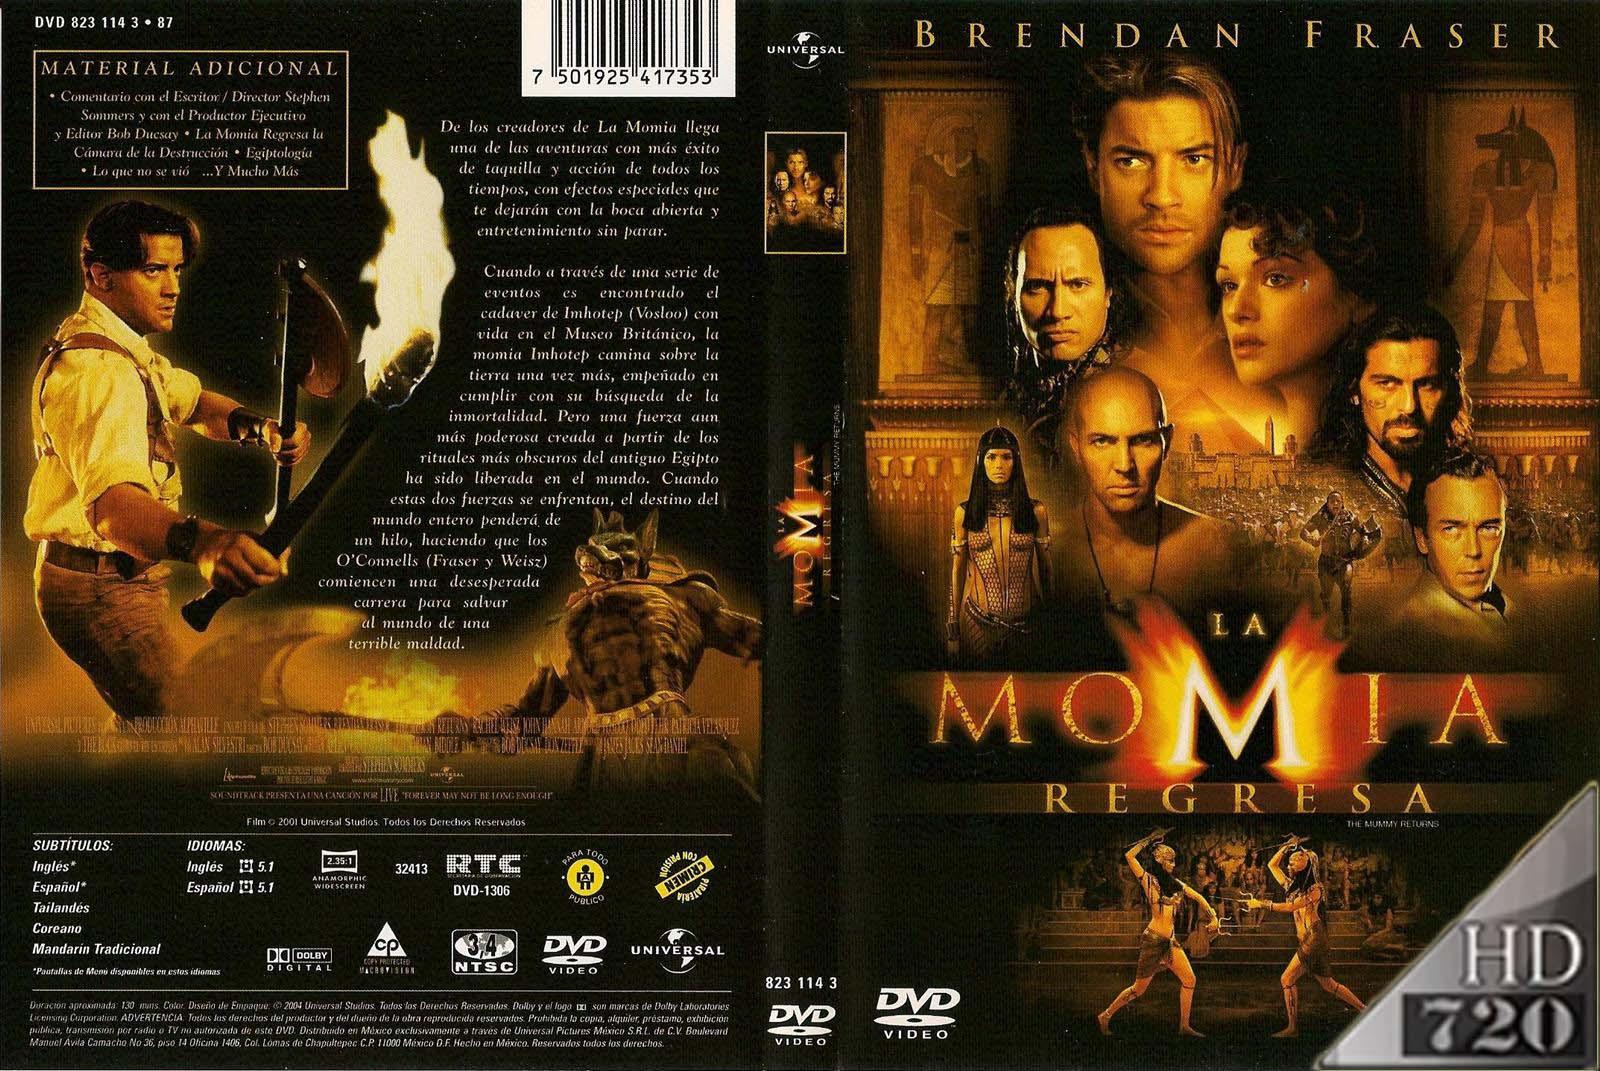 La+Momia+Regresa.jpg